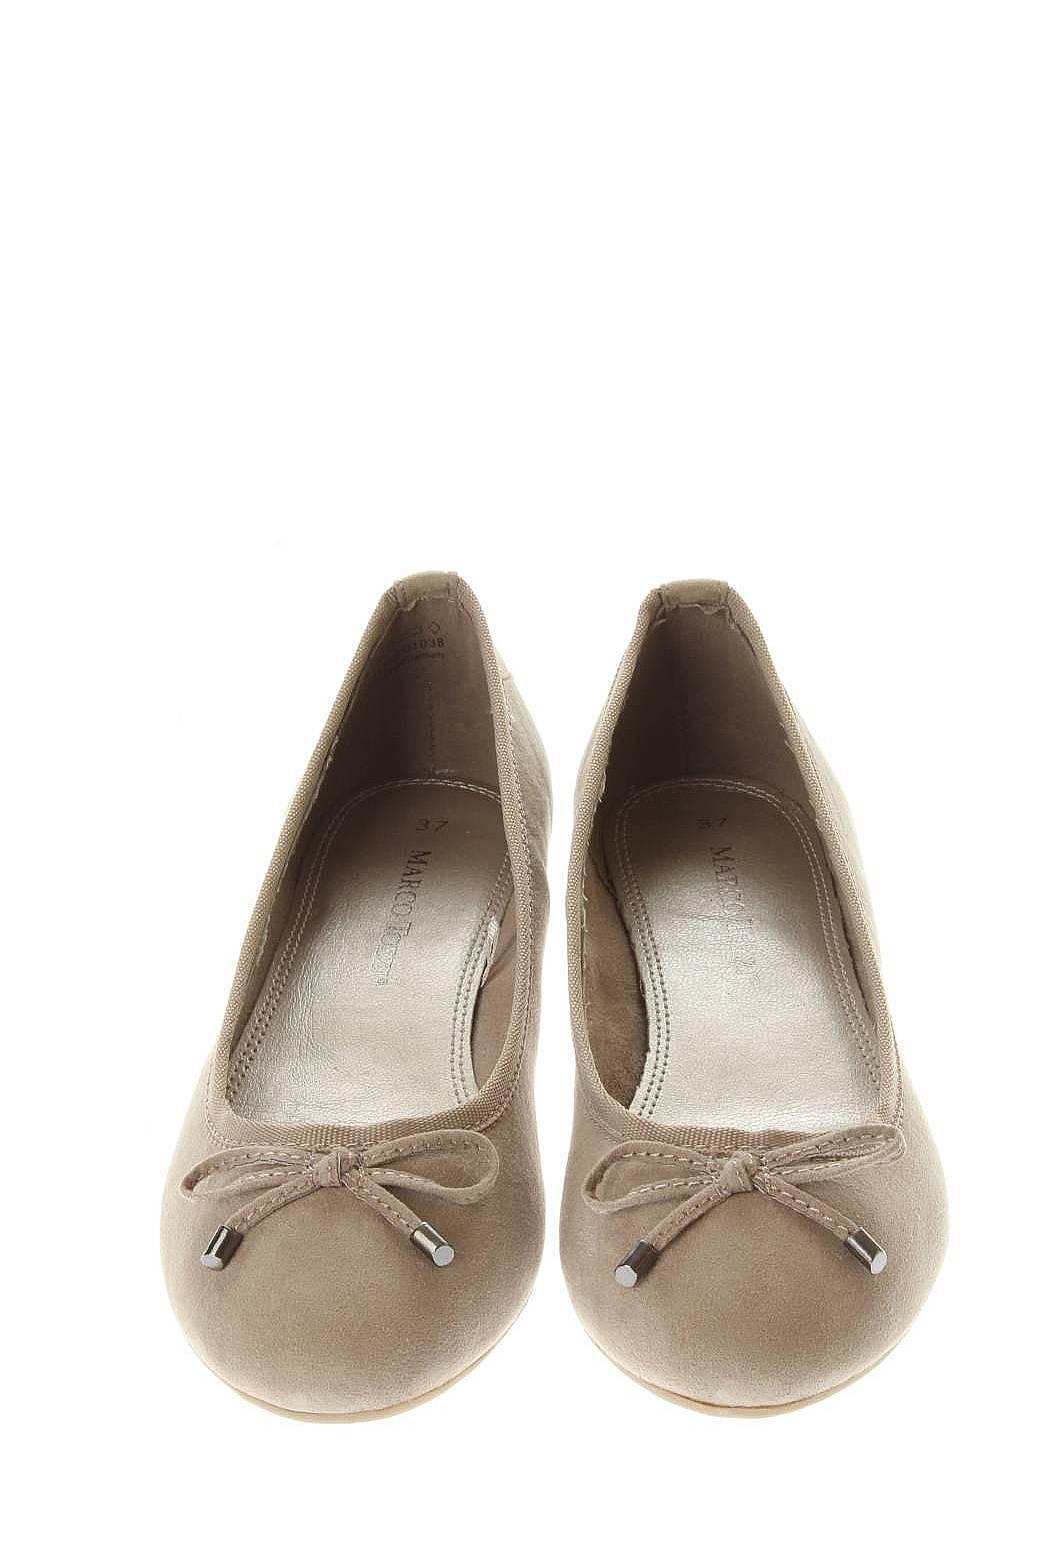 Мужская Обувь Детская Обувь Женская Обувь Балетки: Marco Tozzi Обувь